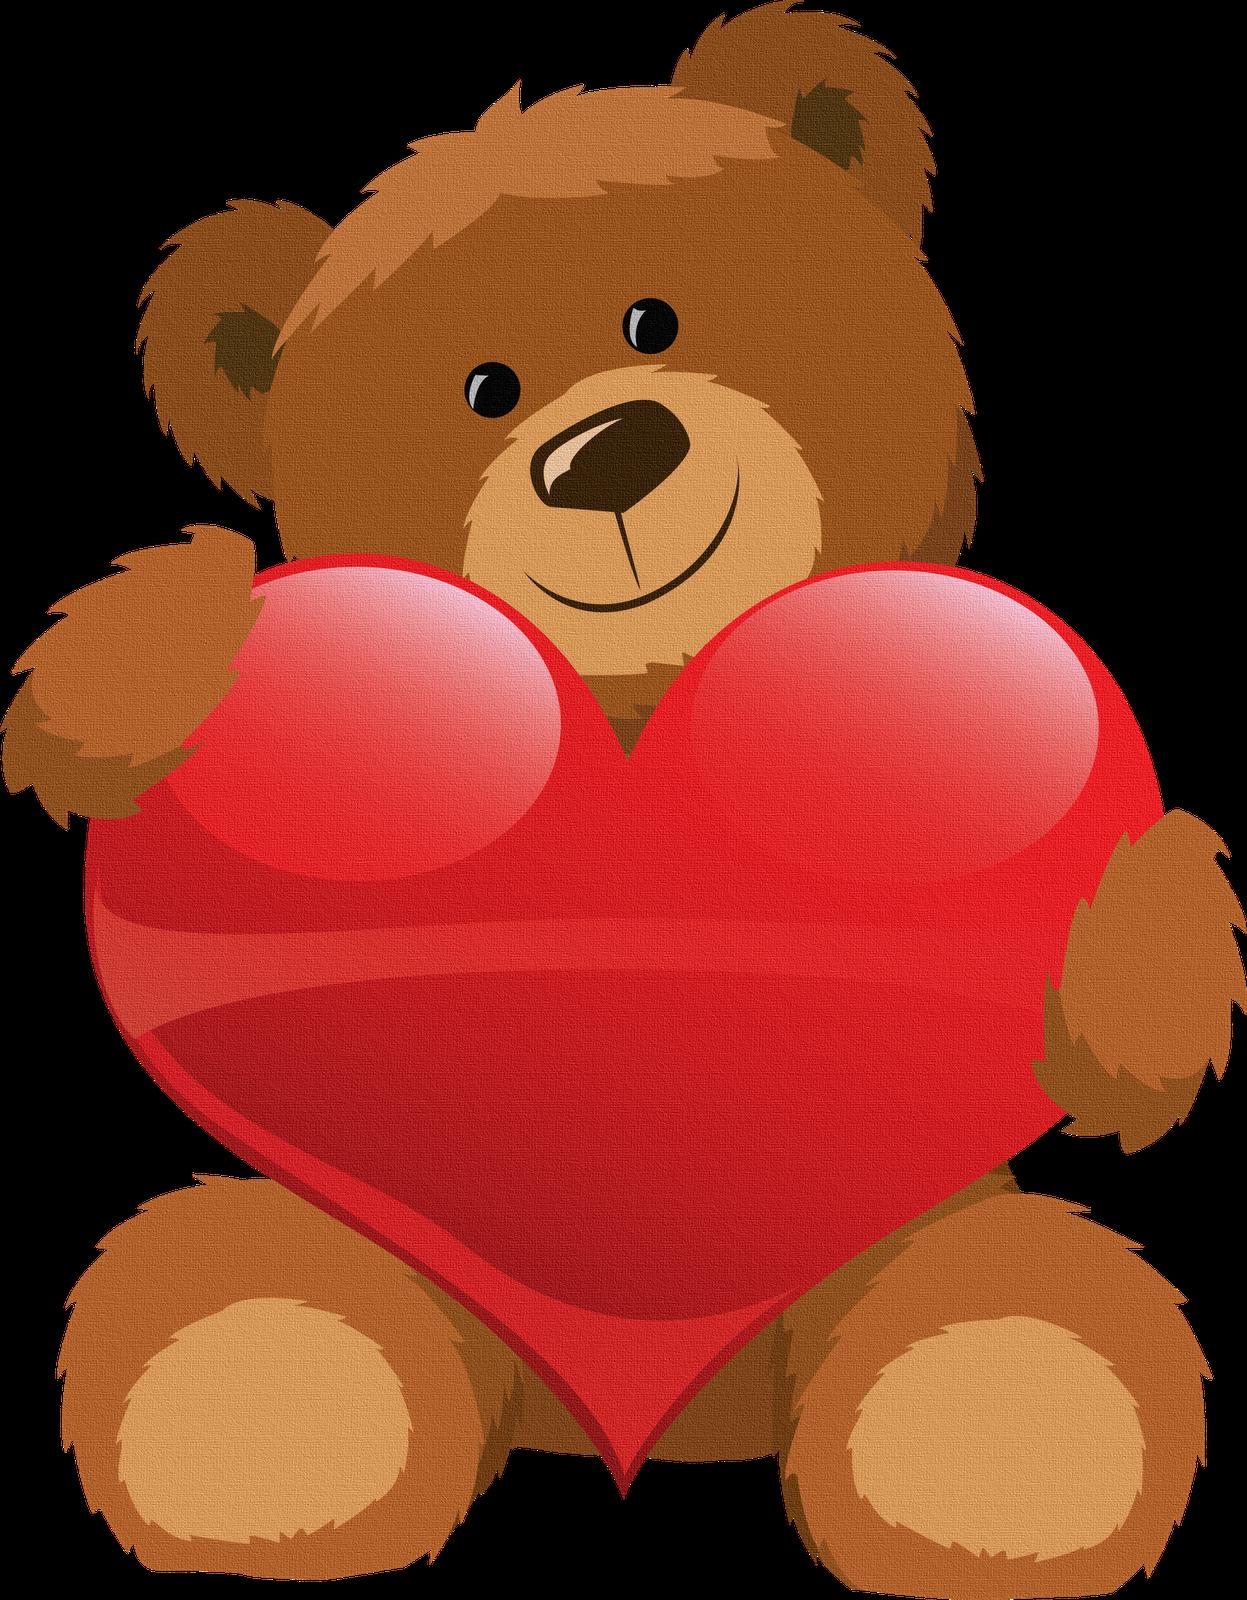 vector free download Oso con corazon para. Teddy clipart preschool